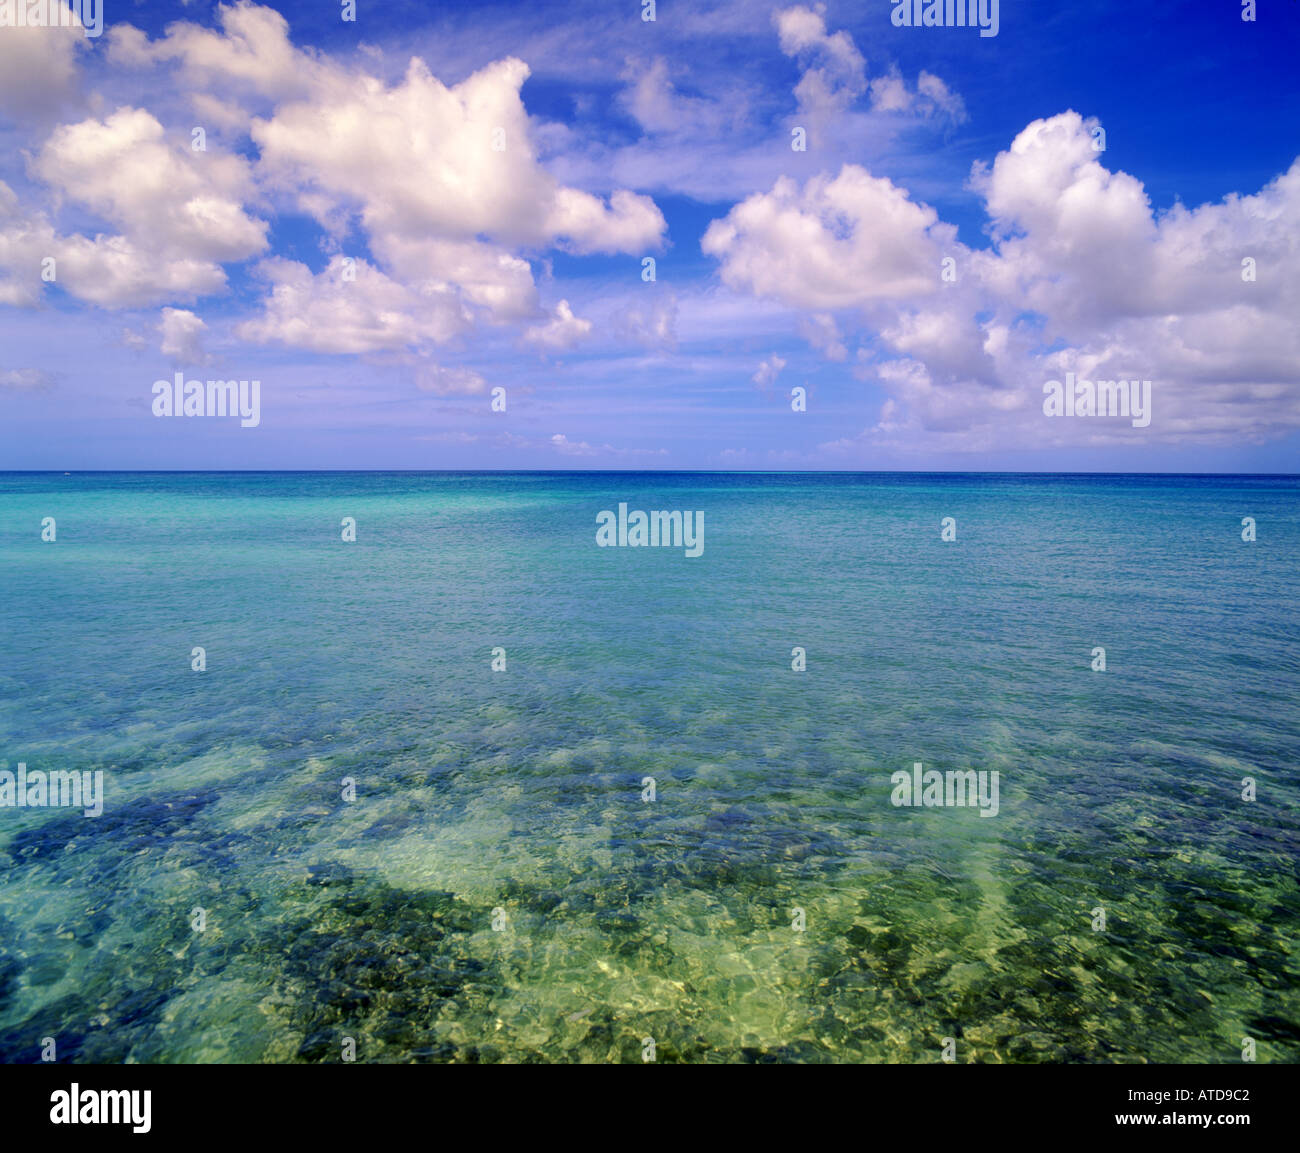 La mer turquoise au large de l'île des Caraïbes d'Aruba répond à un ciel bleu plein de fluffy clouds Banque D'Images